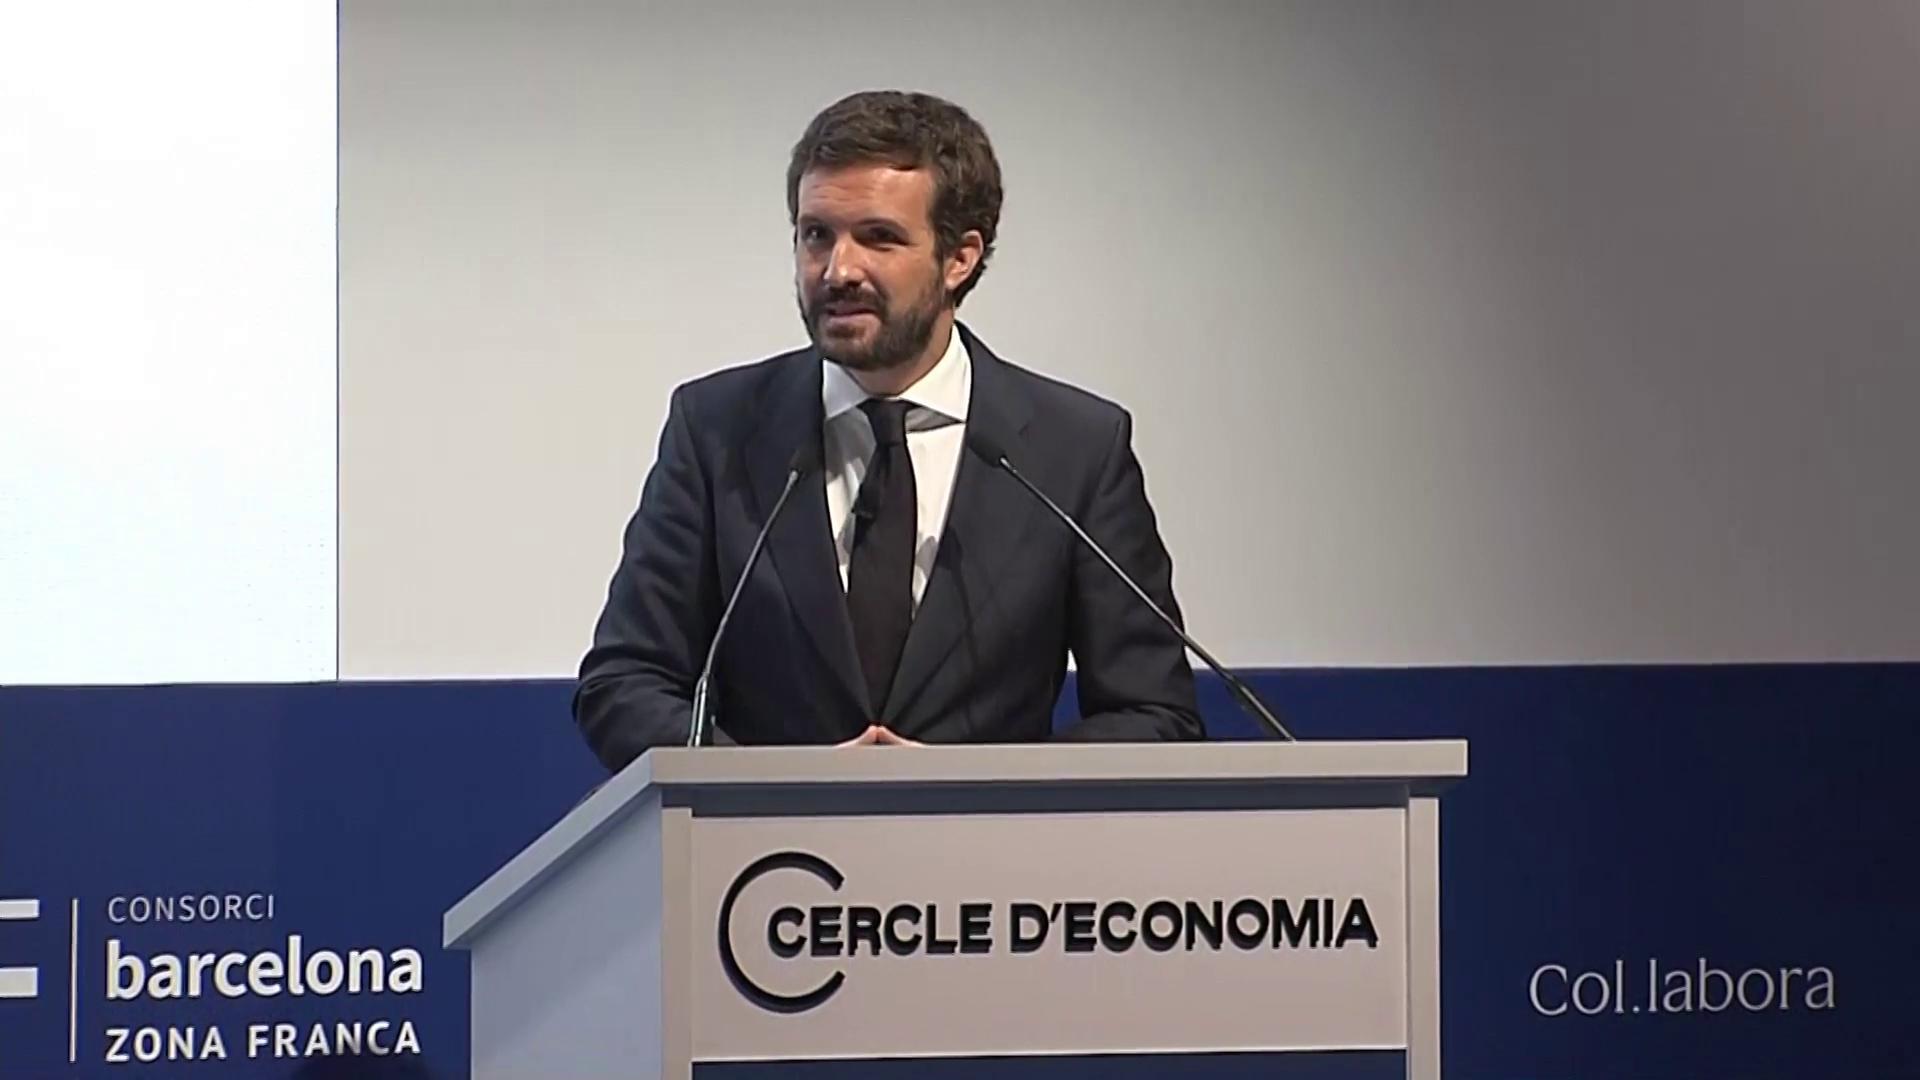 Persona física y un señor de Murcia: El discurso operístico de Pablo Casado